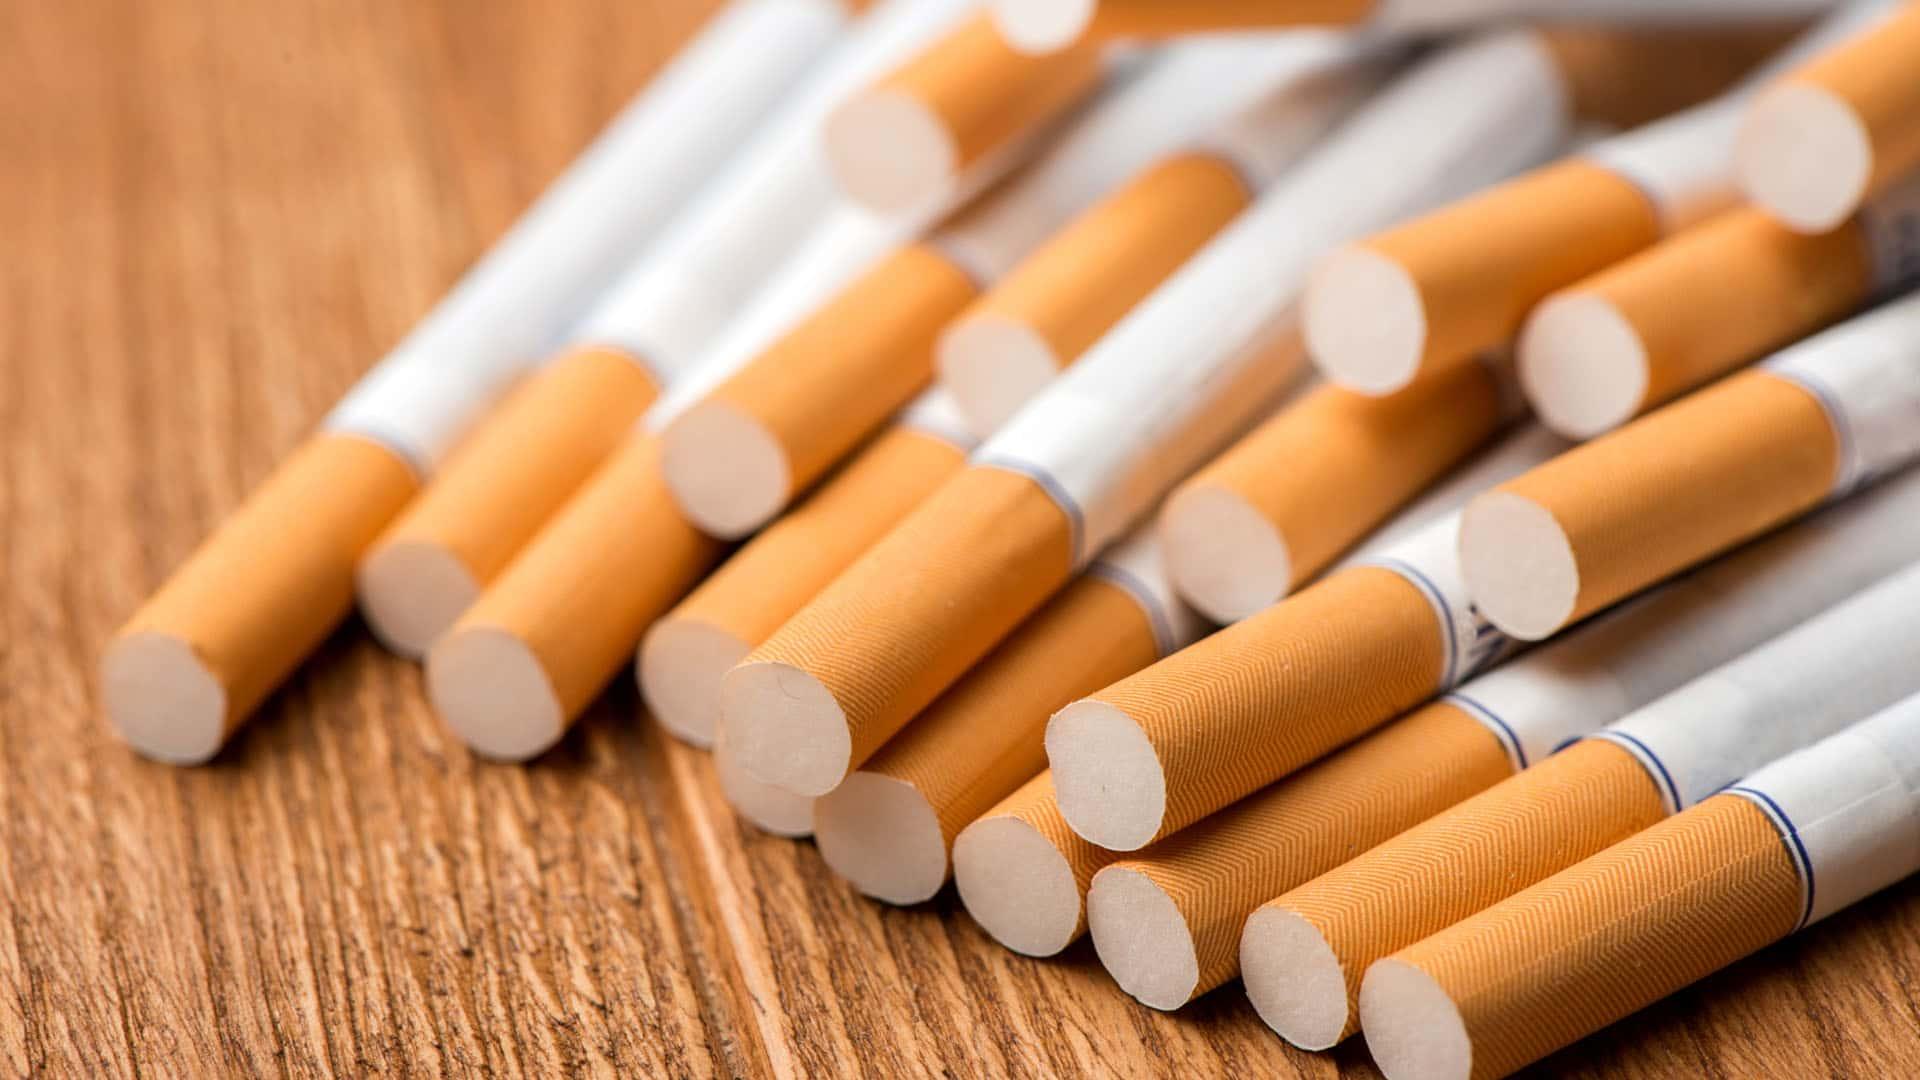 Сигареты в беларуси цены купить американские сигареты в розницу купить москве